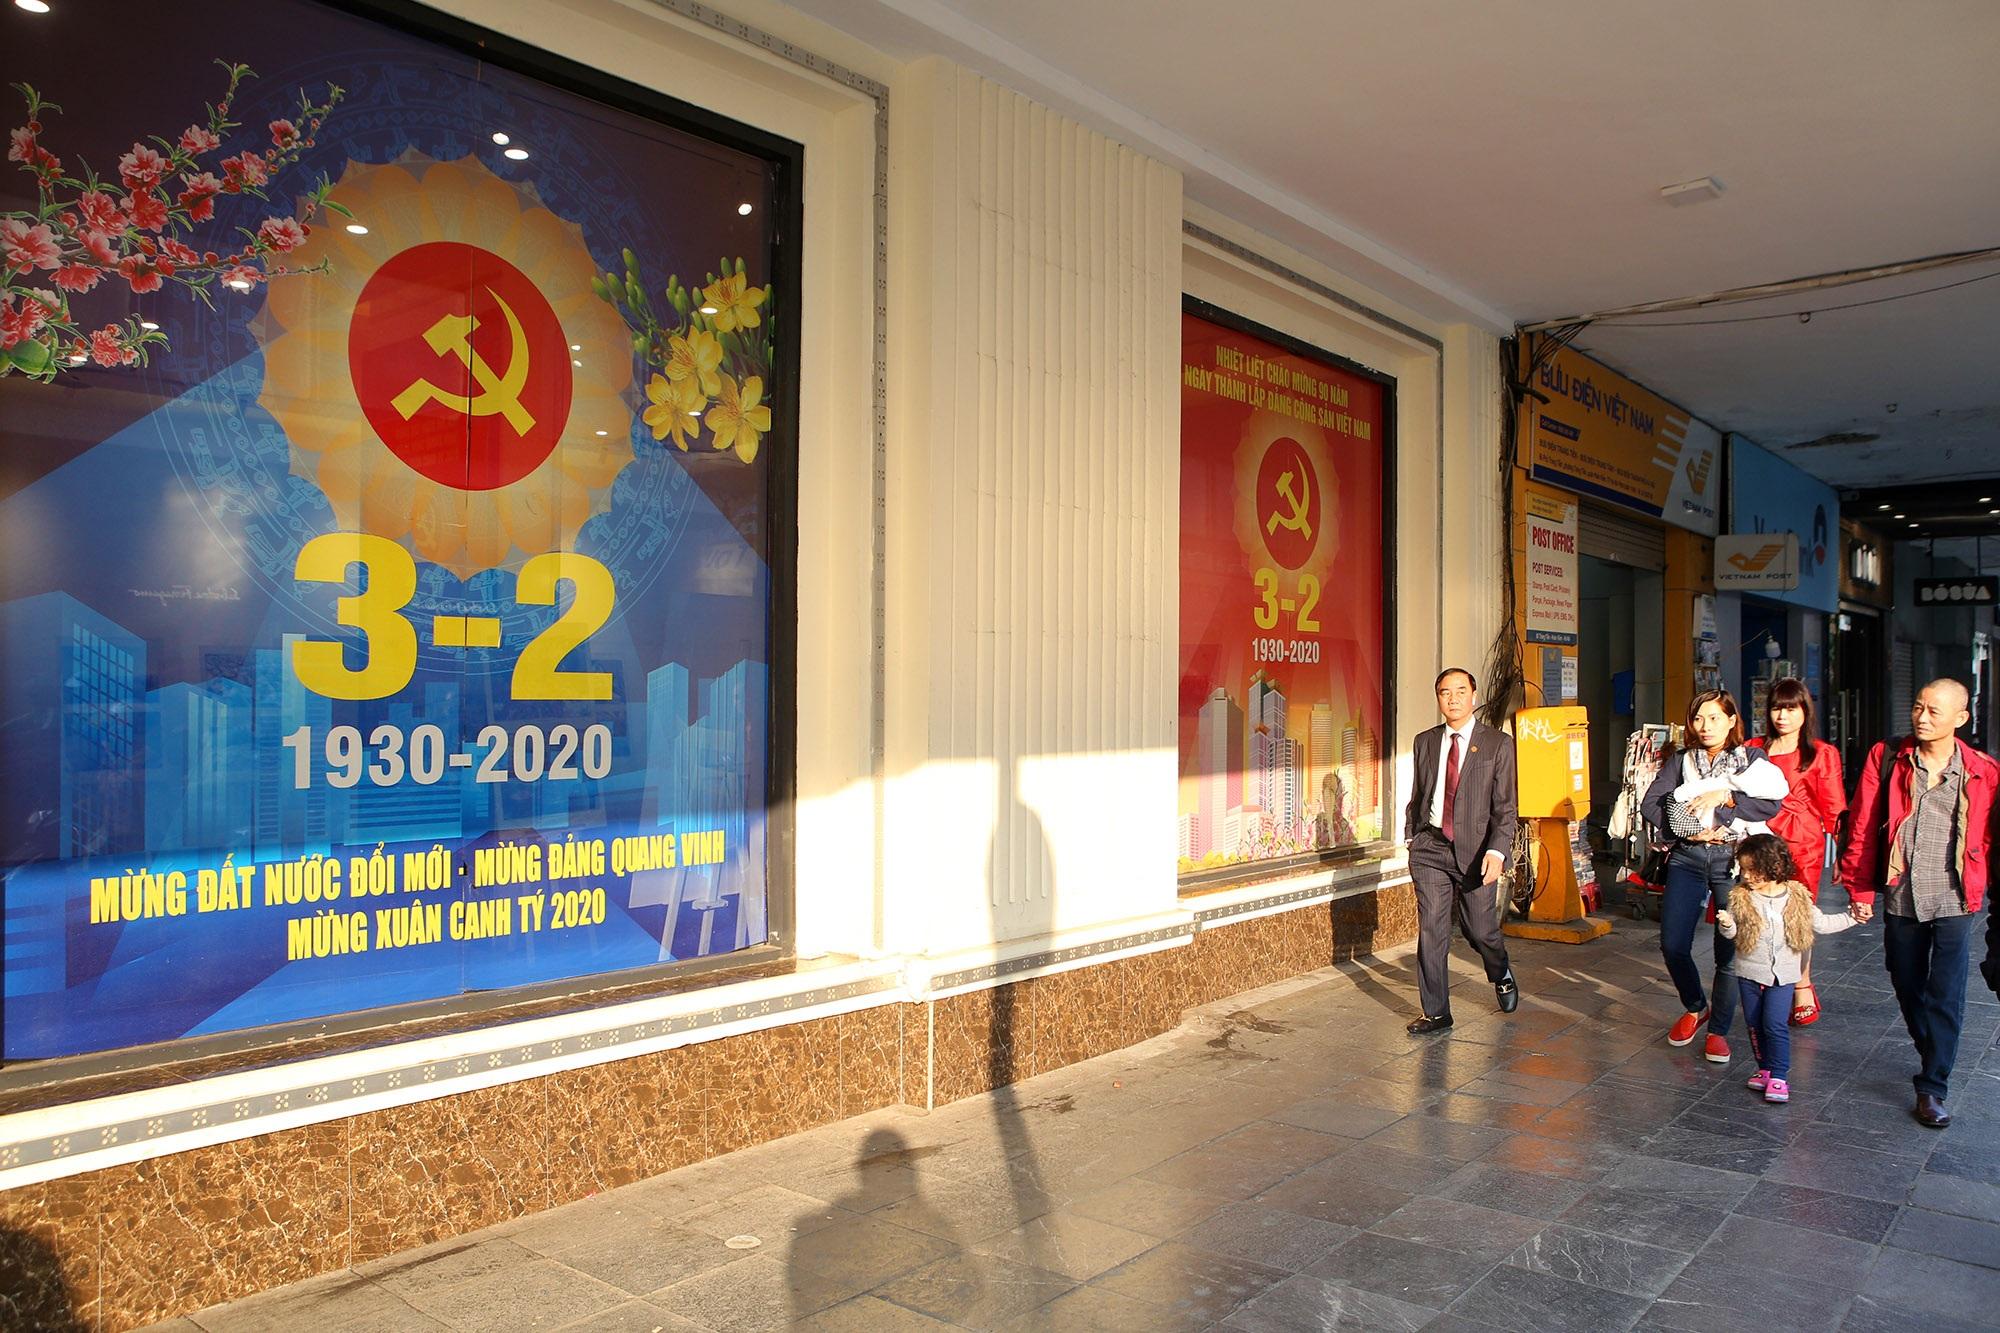 Hà Nội rực rỡ cờ, hoa mừng 90 năm Ngày thành lập Đảng - 1